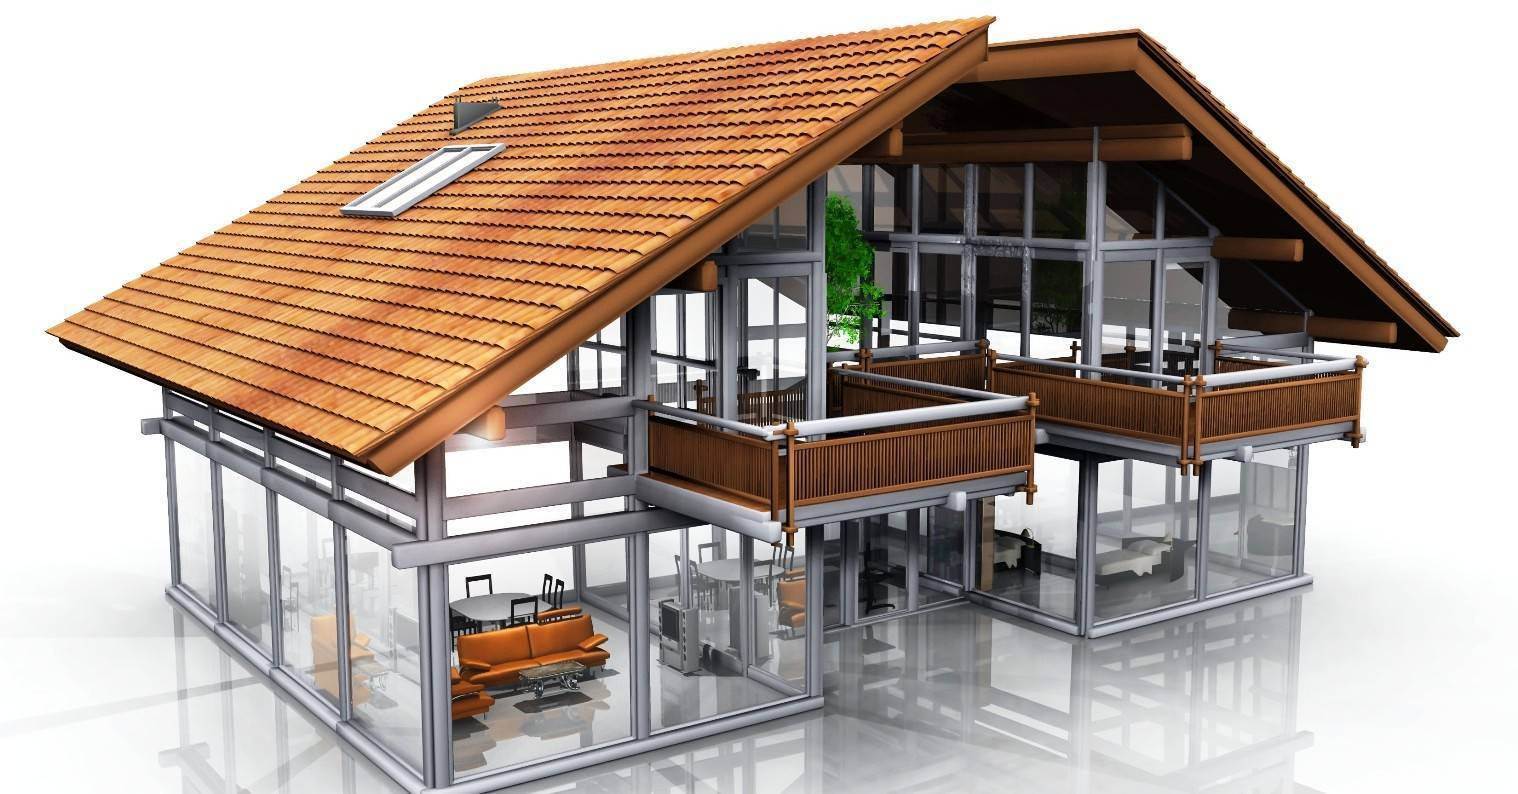 Как построить дом из профильной трубы по технологии каркасного строительства